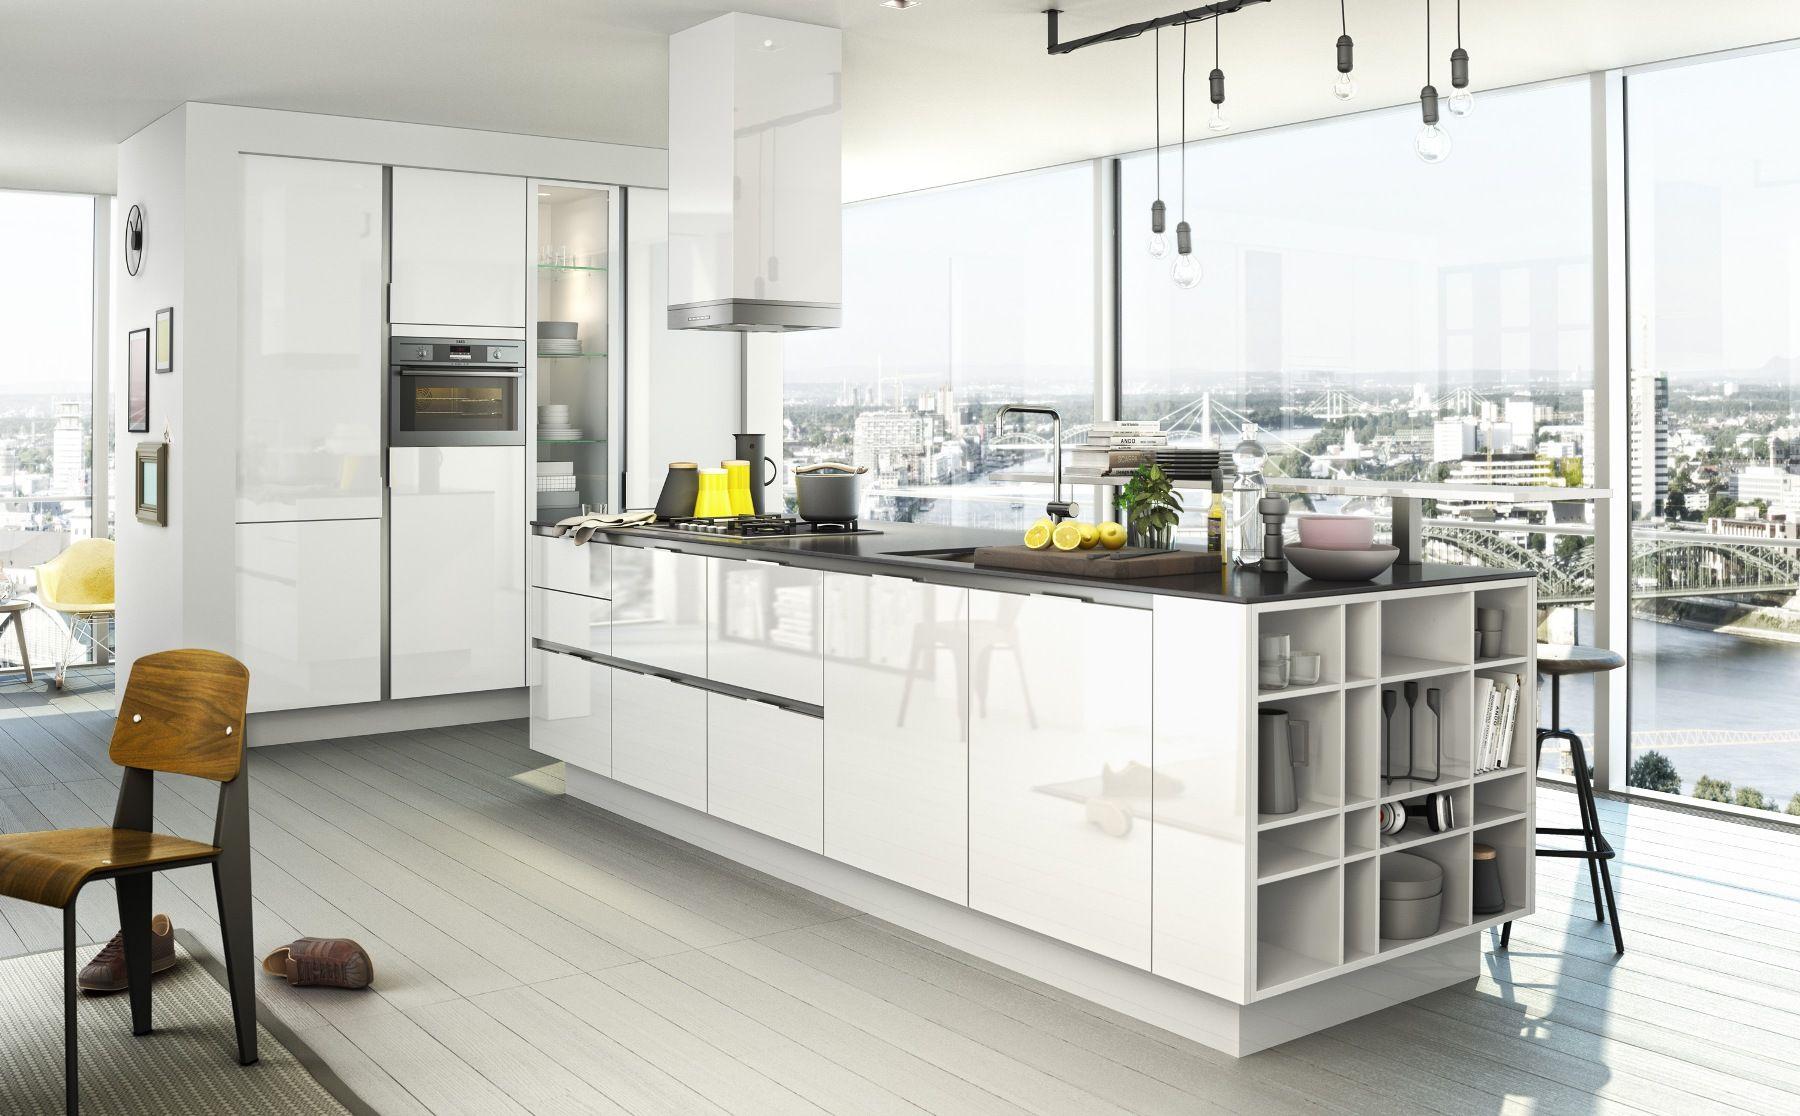 Greeploze Keuken Onderdelen : keuken prijzen SieMatic S3. luxe design greeploze keuken [48623